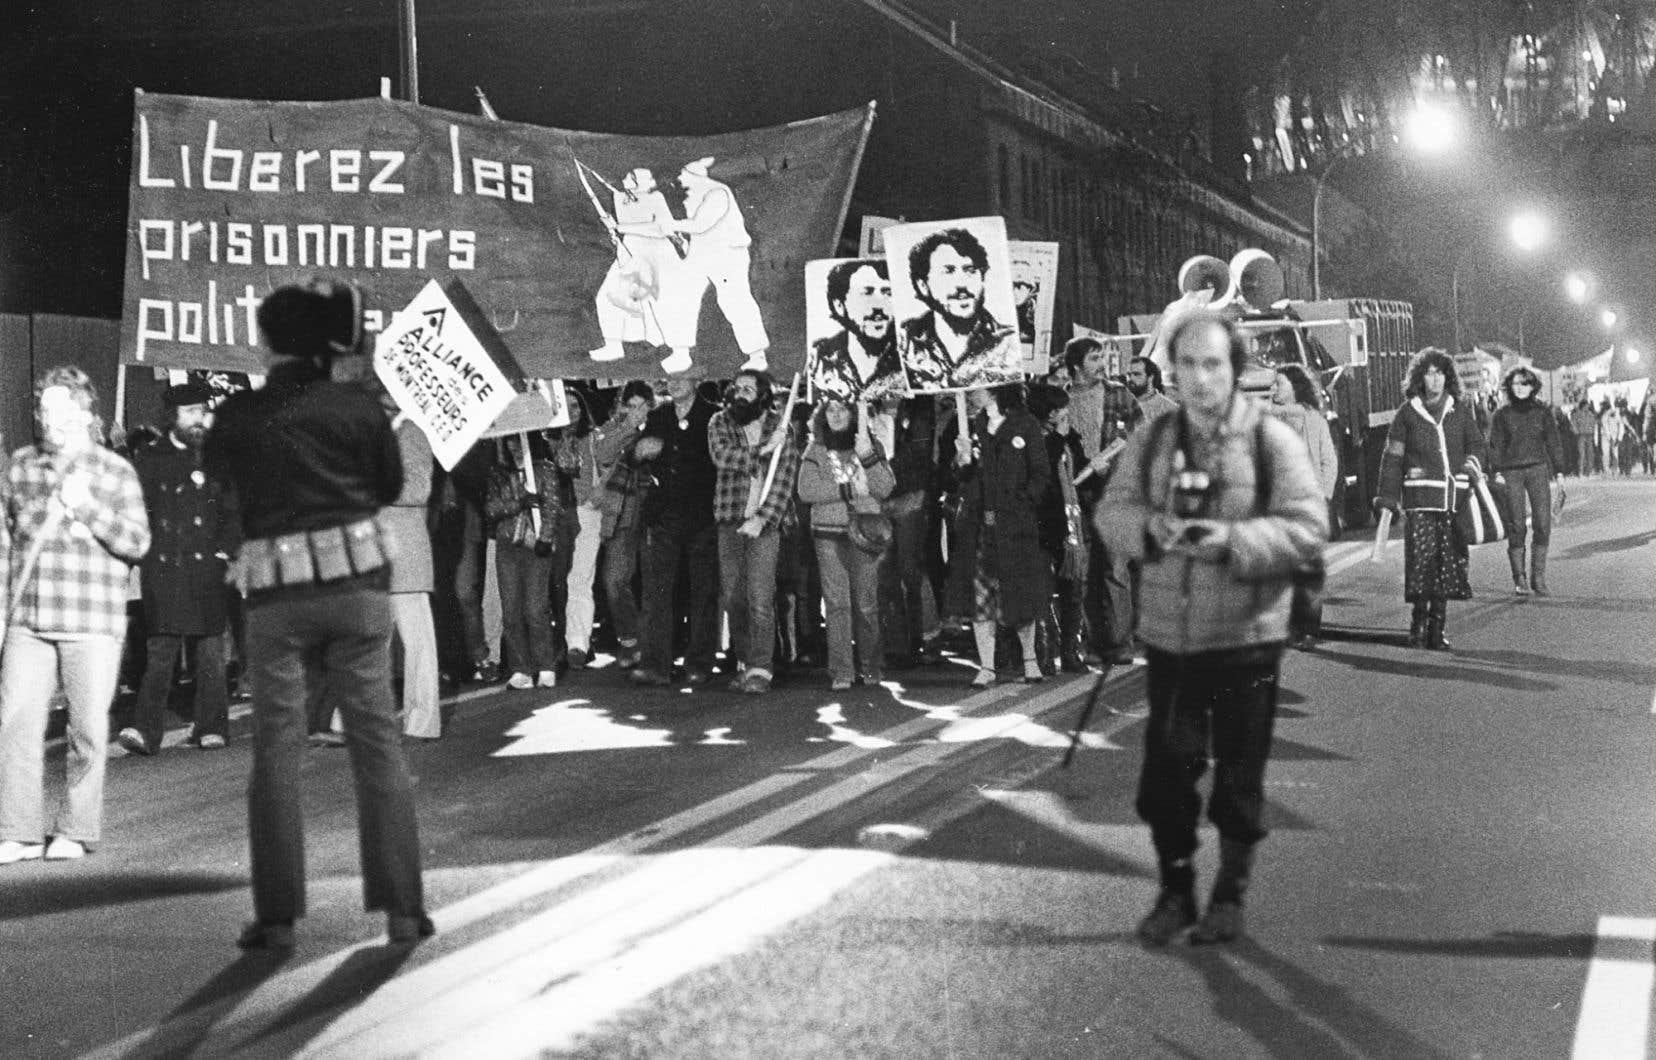 Lorsqu'il s'agit de parler de l'indépendance du Québec, la minorité opprimée passe rapidement du rôle de héros civique à celui d'extrémiste violent, estime l'auteur.